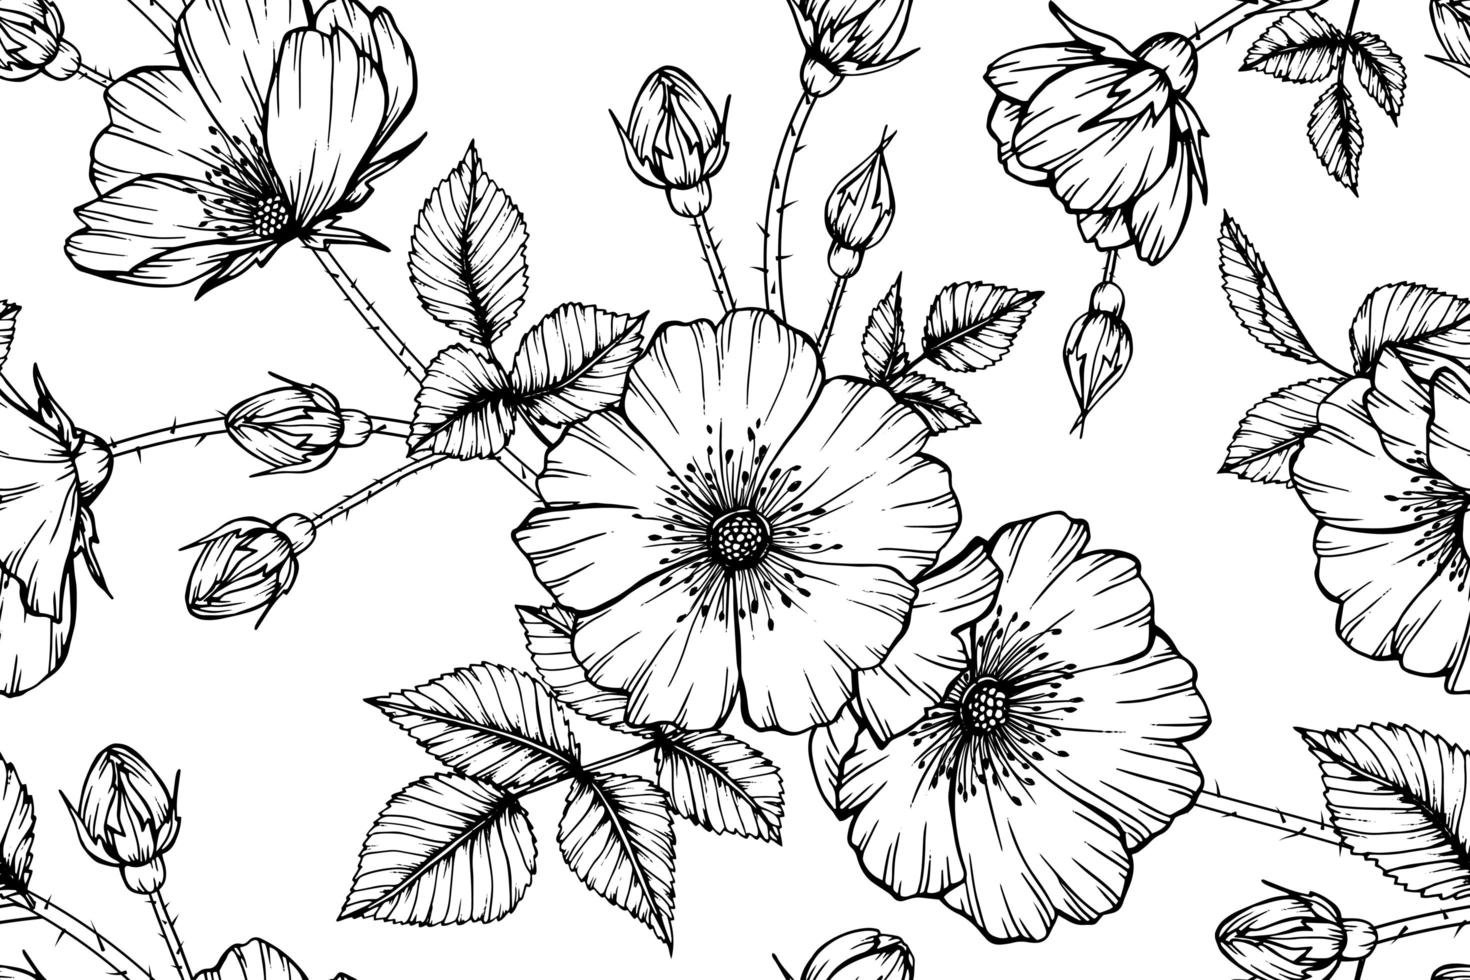 feuilles et fleur de rose sauvage dessinés à la main vecteur